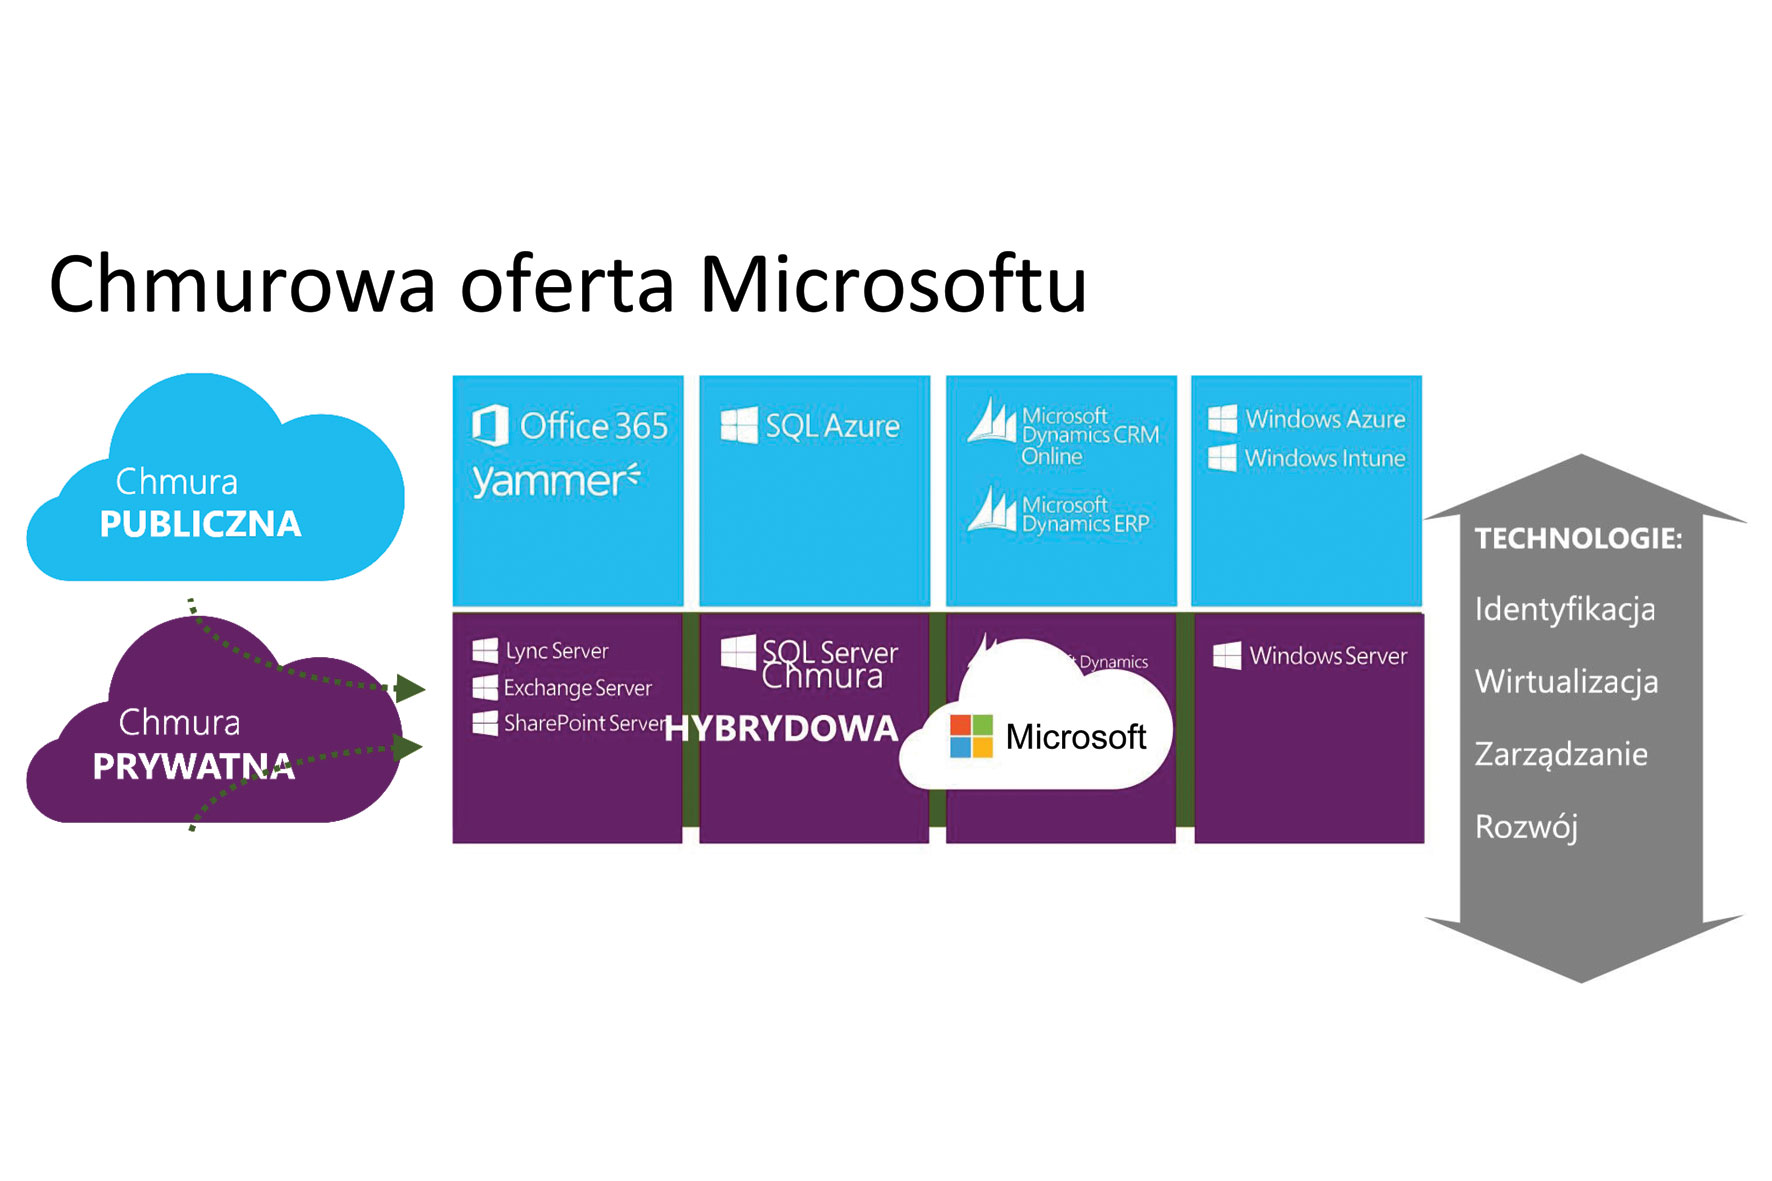 Rośnie chmura Microsoftu